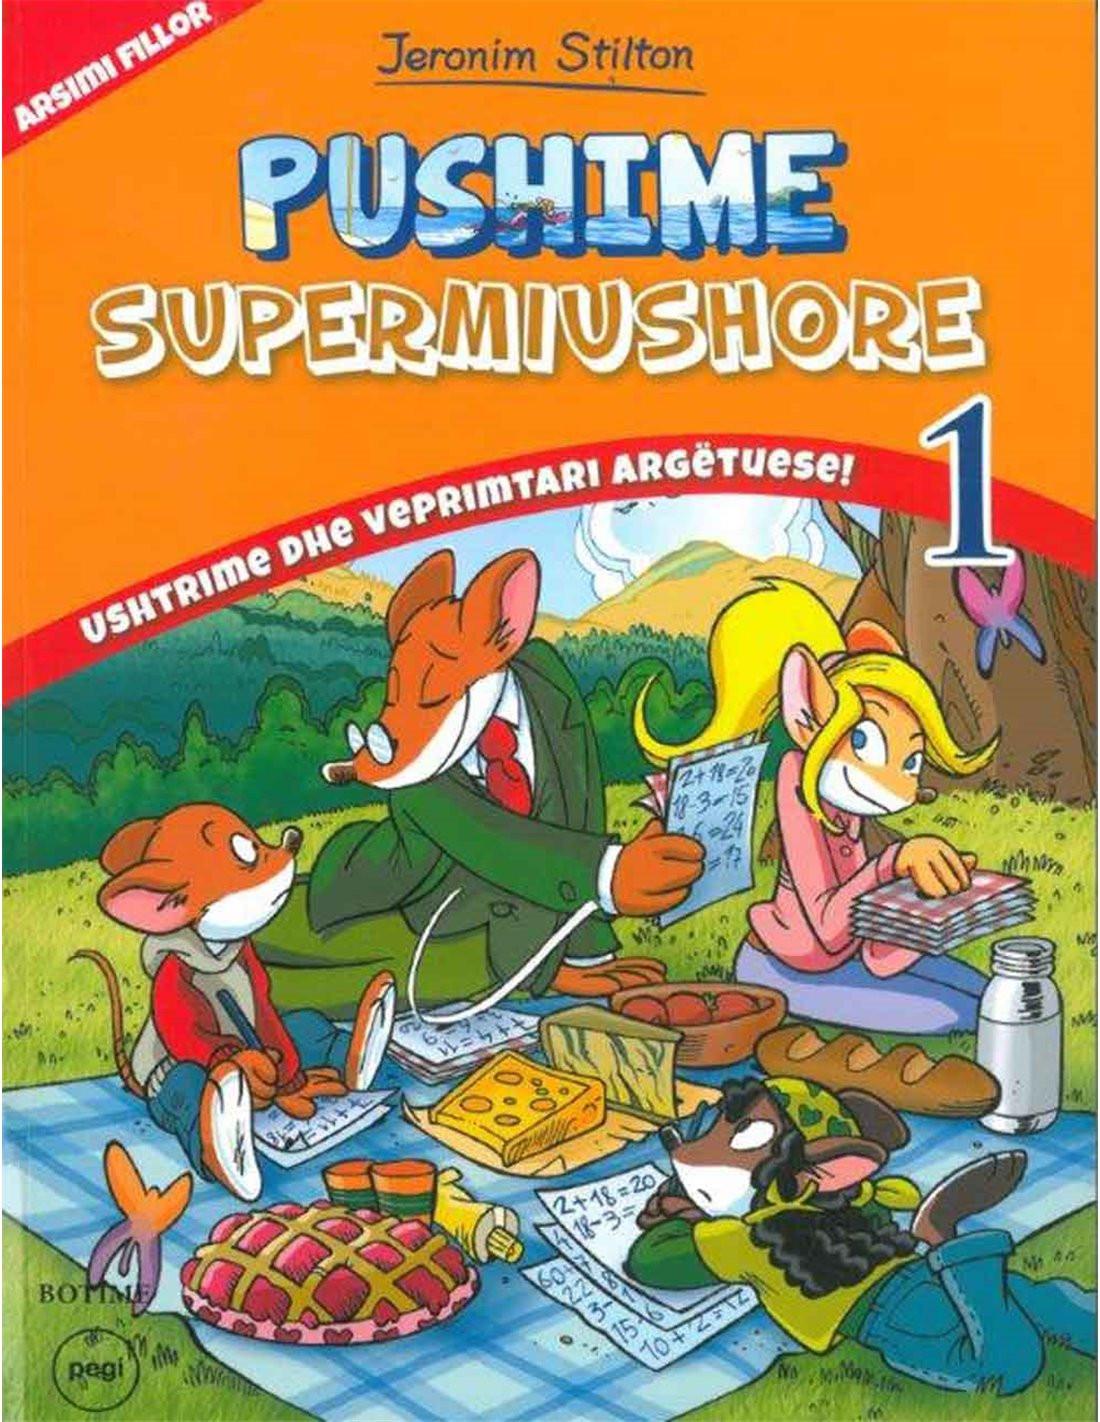 Pushimet supermiushore 1